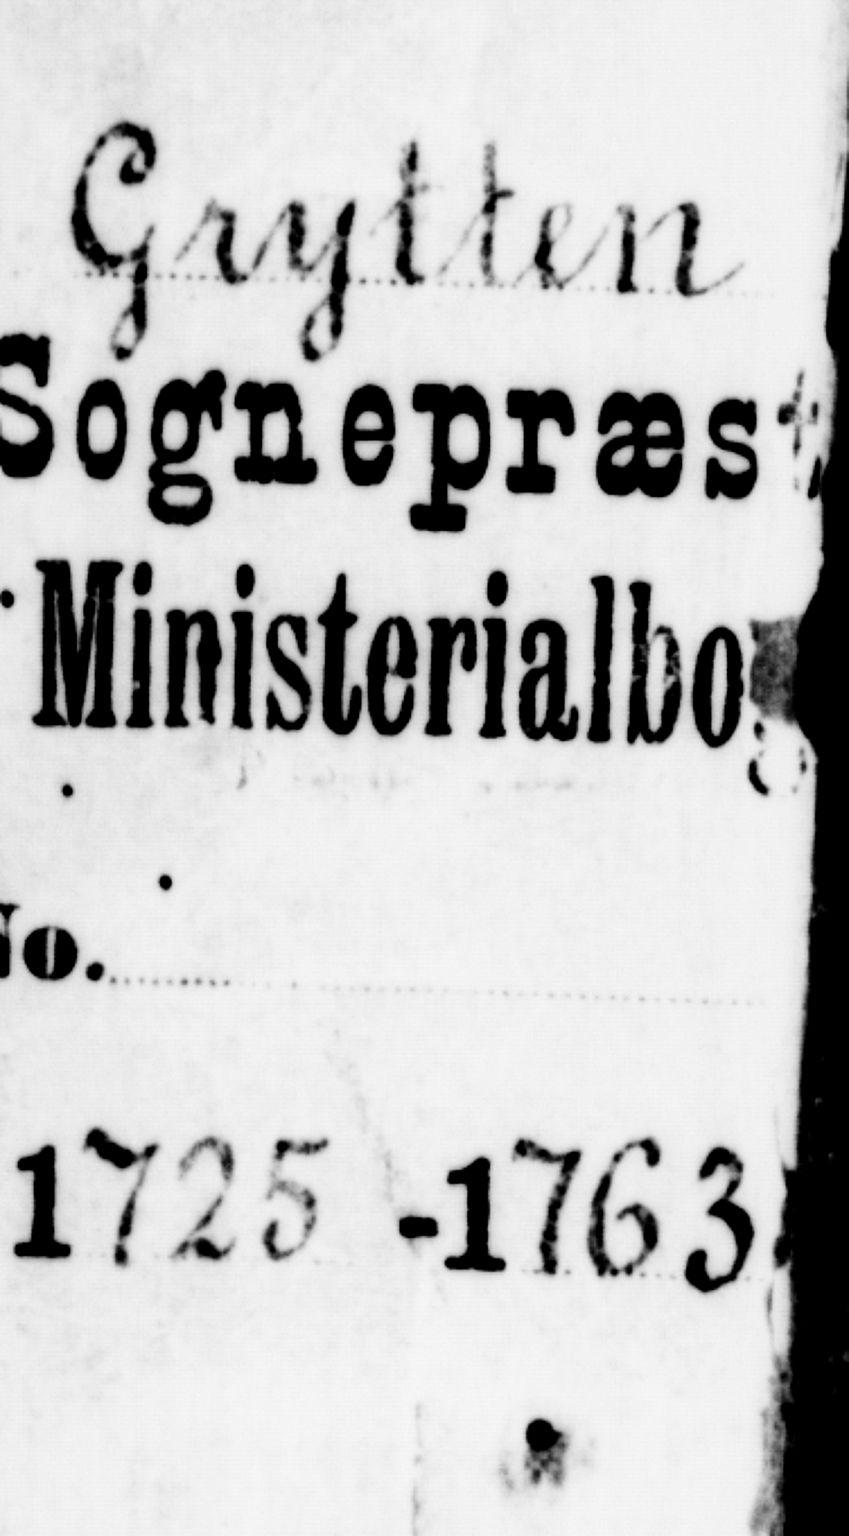 SAT, Ministerialprotokoller, klokkerbøker og fødselsregistre - Møre og Romsdal, 544/L0568: Ministerialbok nr. 544A01, 1725-1763